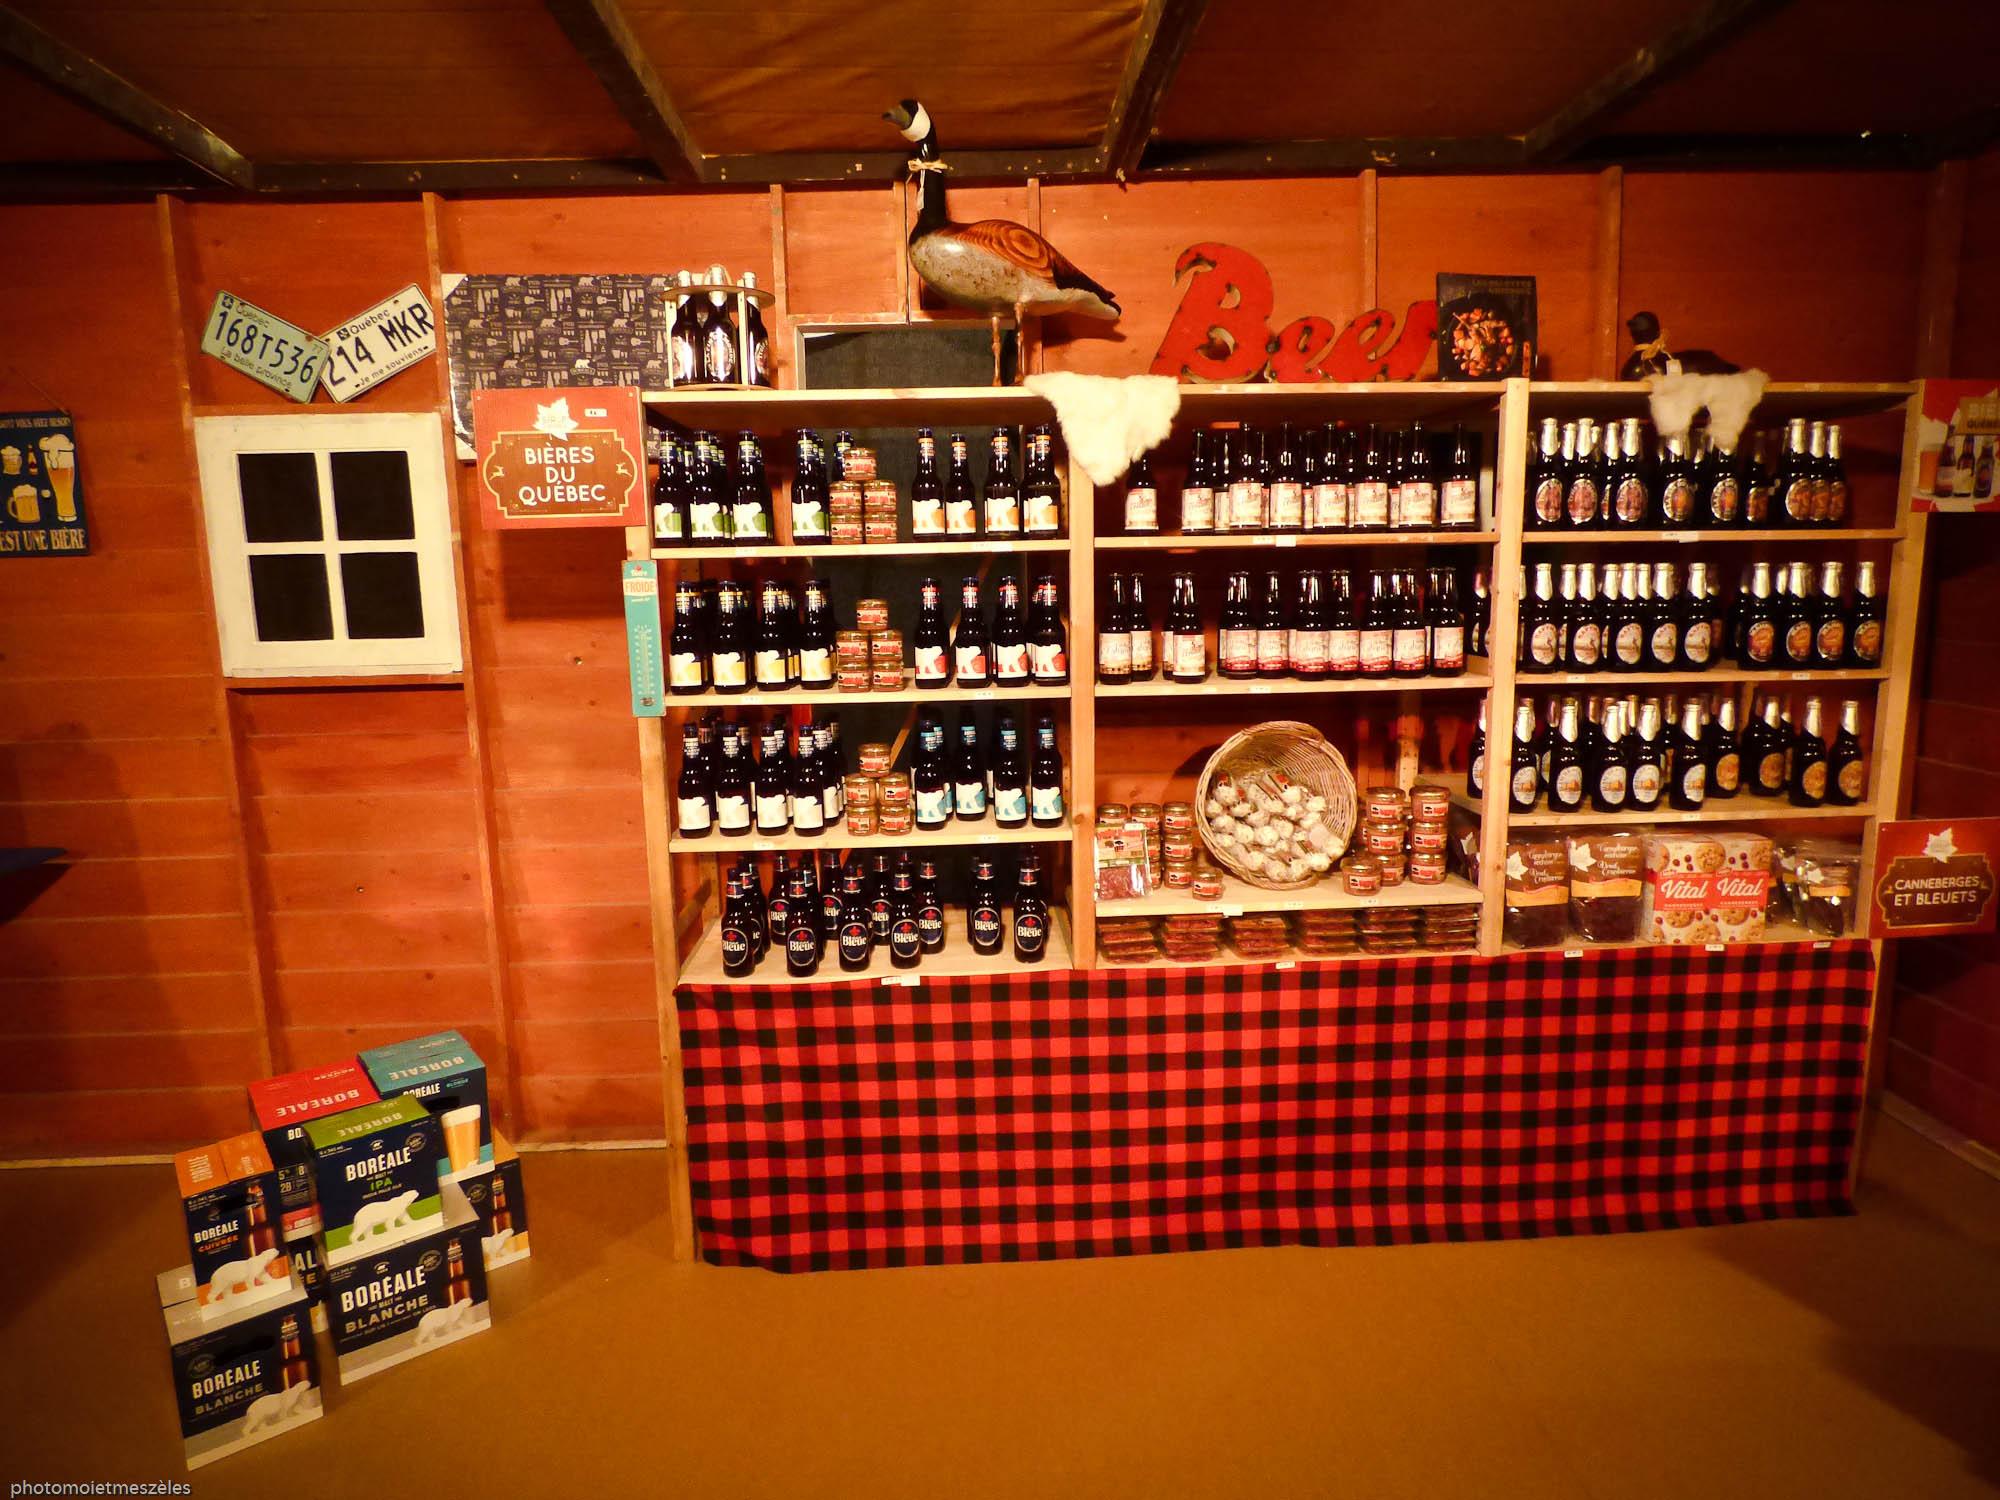 bières canadiennes Exposition expérience Canada Le Havre